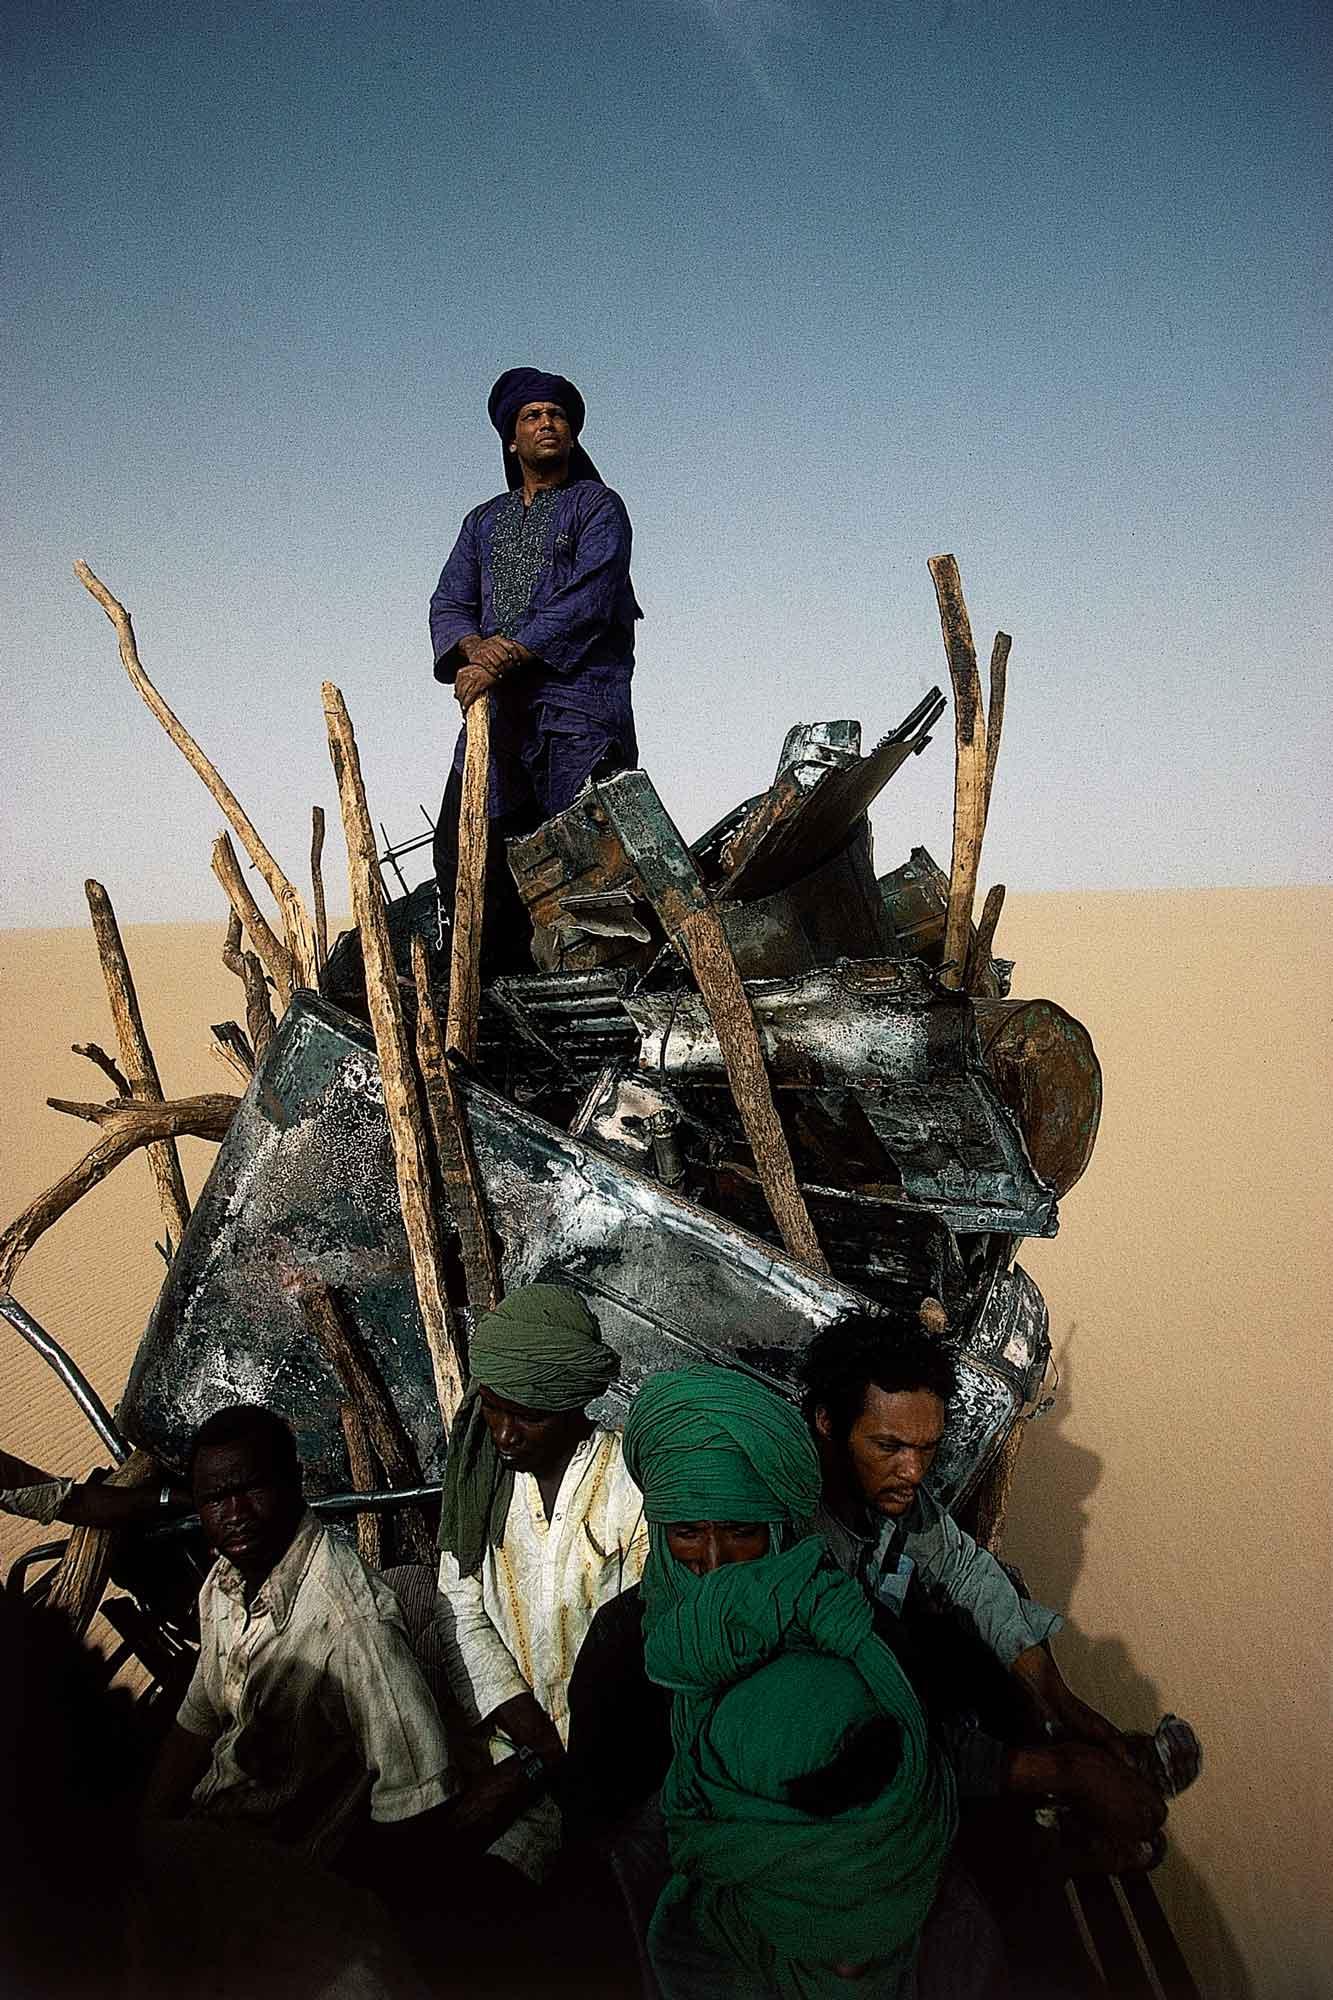 Tuareg - Yann Arthus-Bertrand